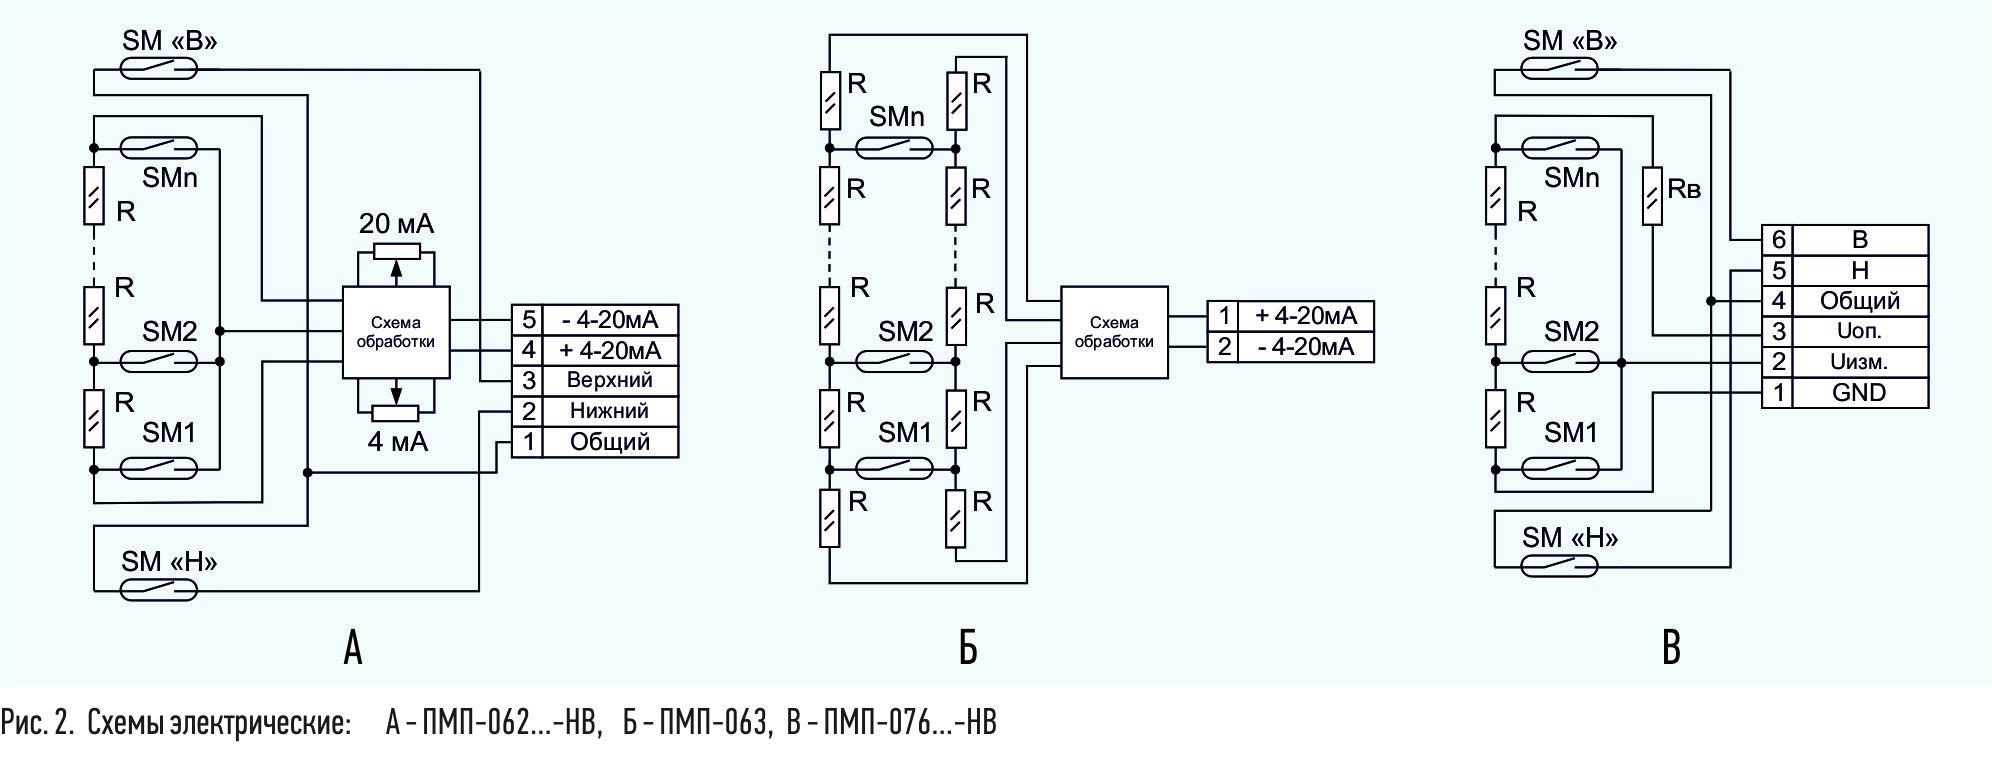 указатель уровня пмп-062 руководство по эксплуатации